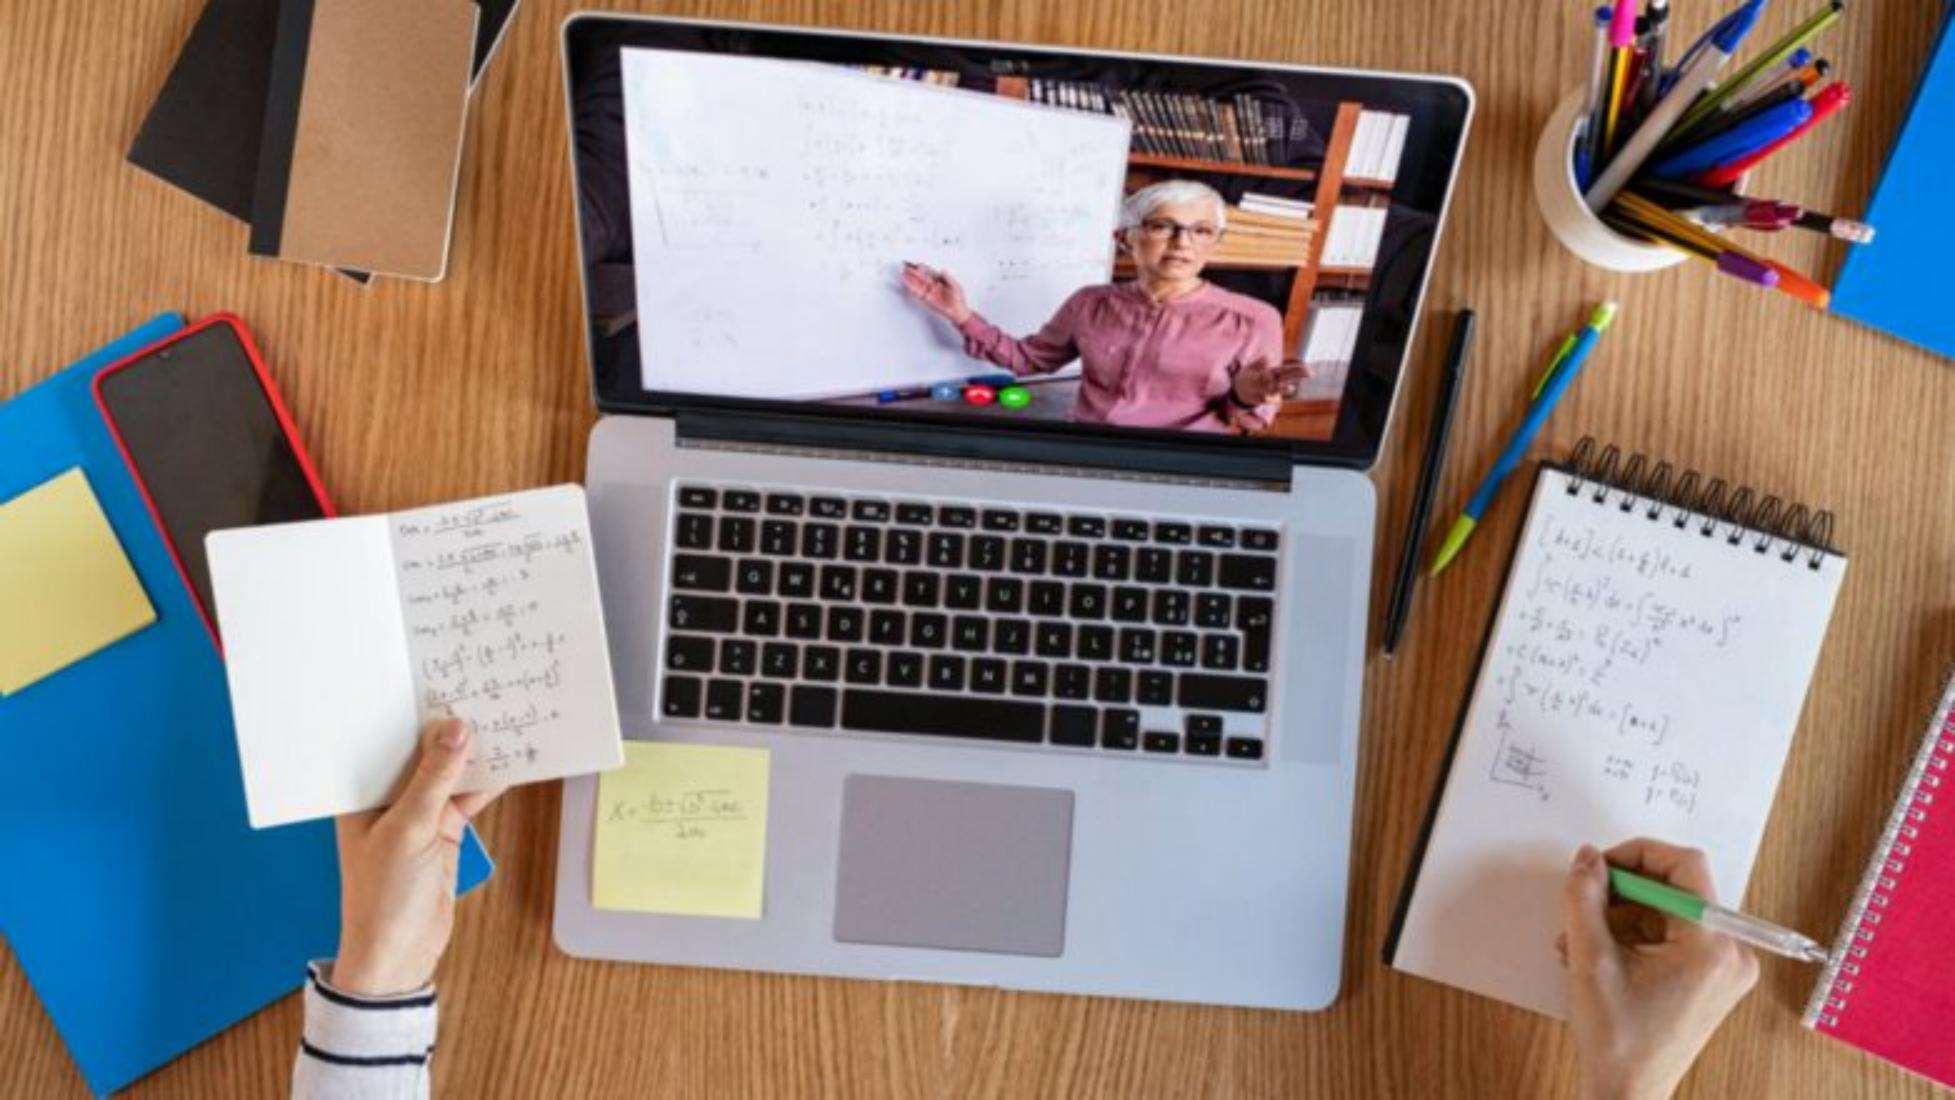 Онлайн обучение — прогрессирующее будущее или нет?